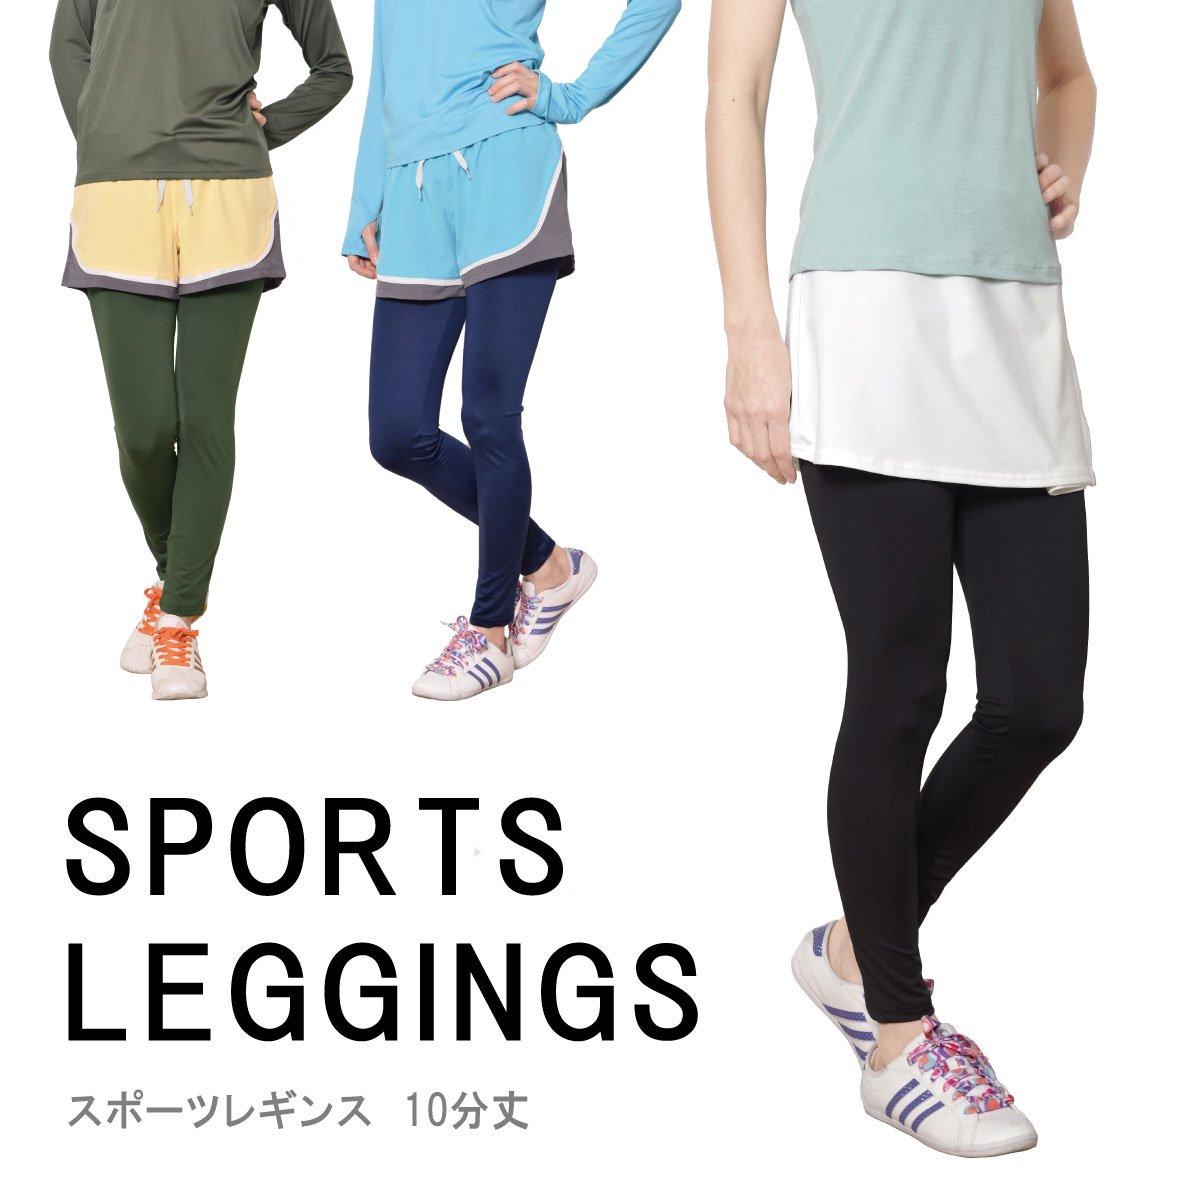 吸汗速乾スポーツレギンス10分丈 【 ロング丈】※スカートは別売りです ヨガウェア ランニングウェア ランニングパンツ レディース タイツ